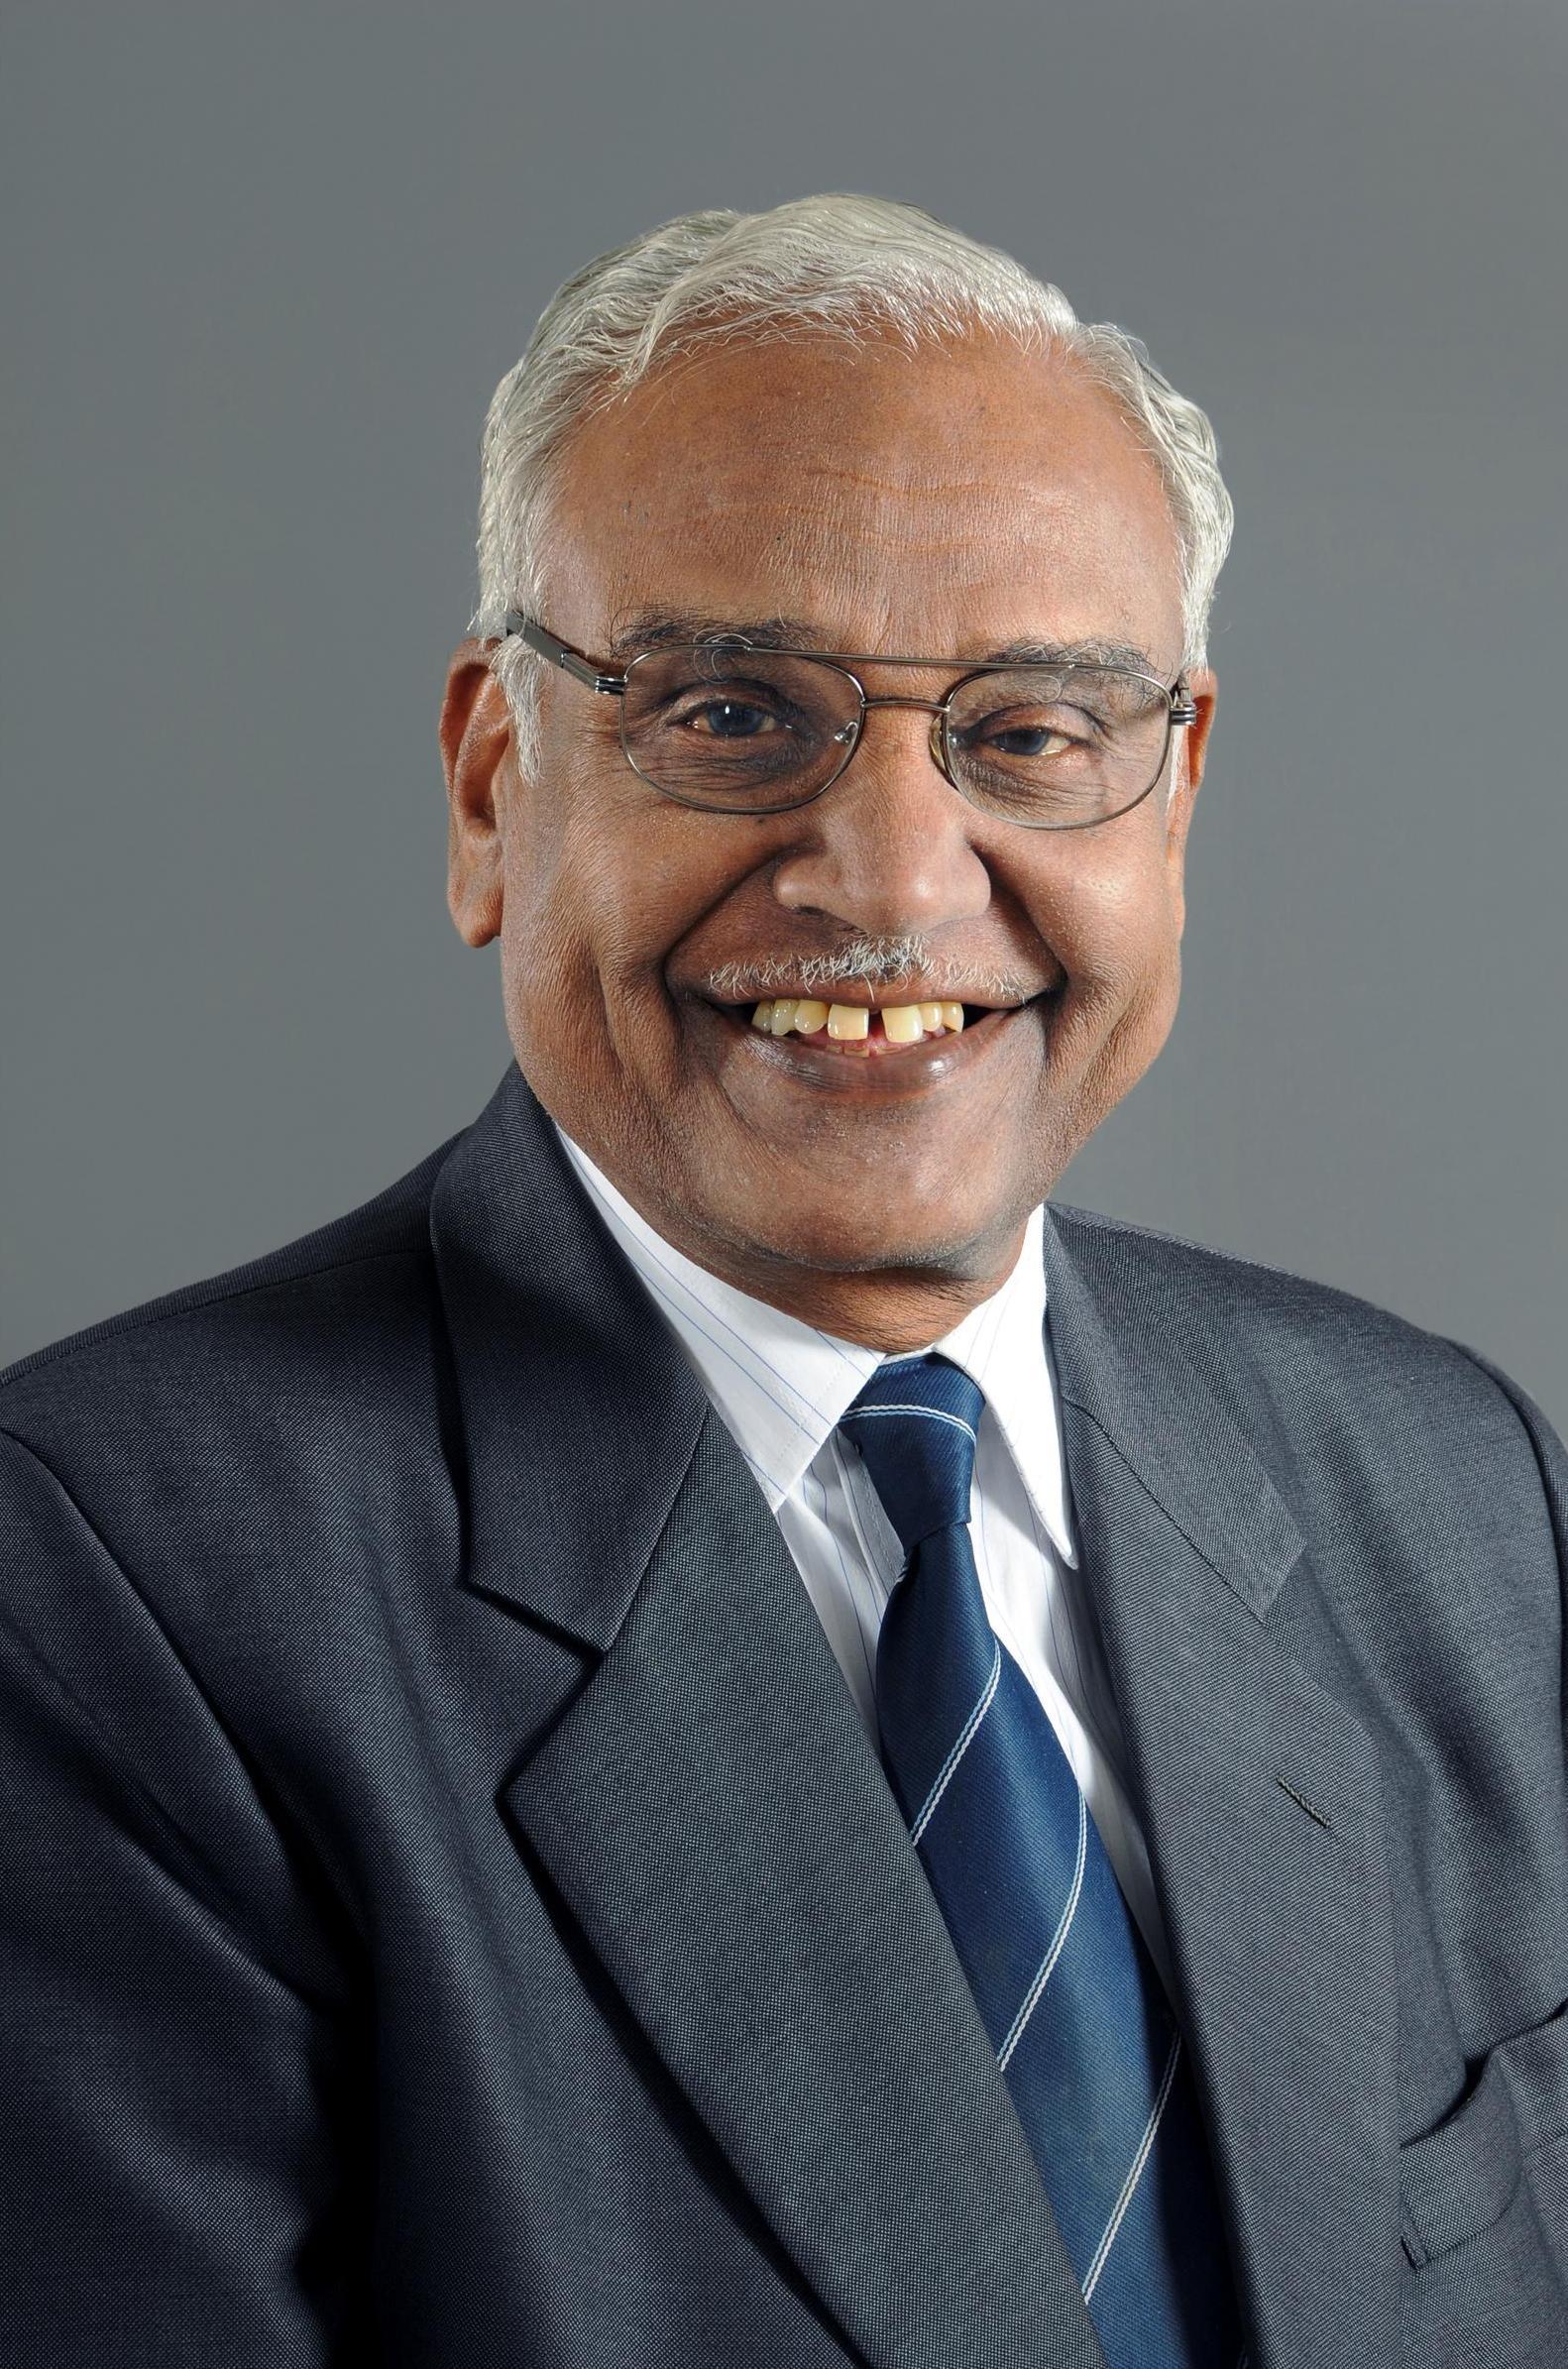 பேராசிரியர் அனந்தகிருஷ்ணன்